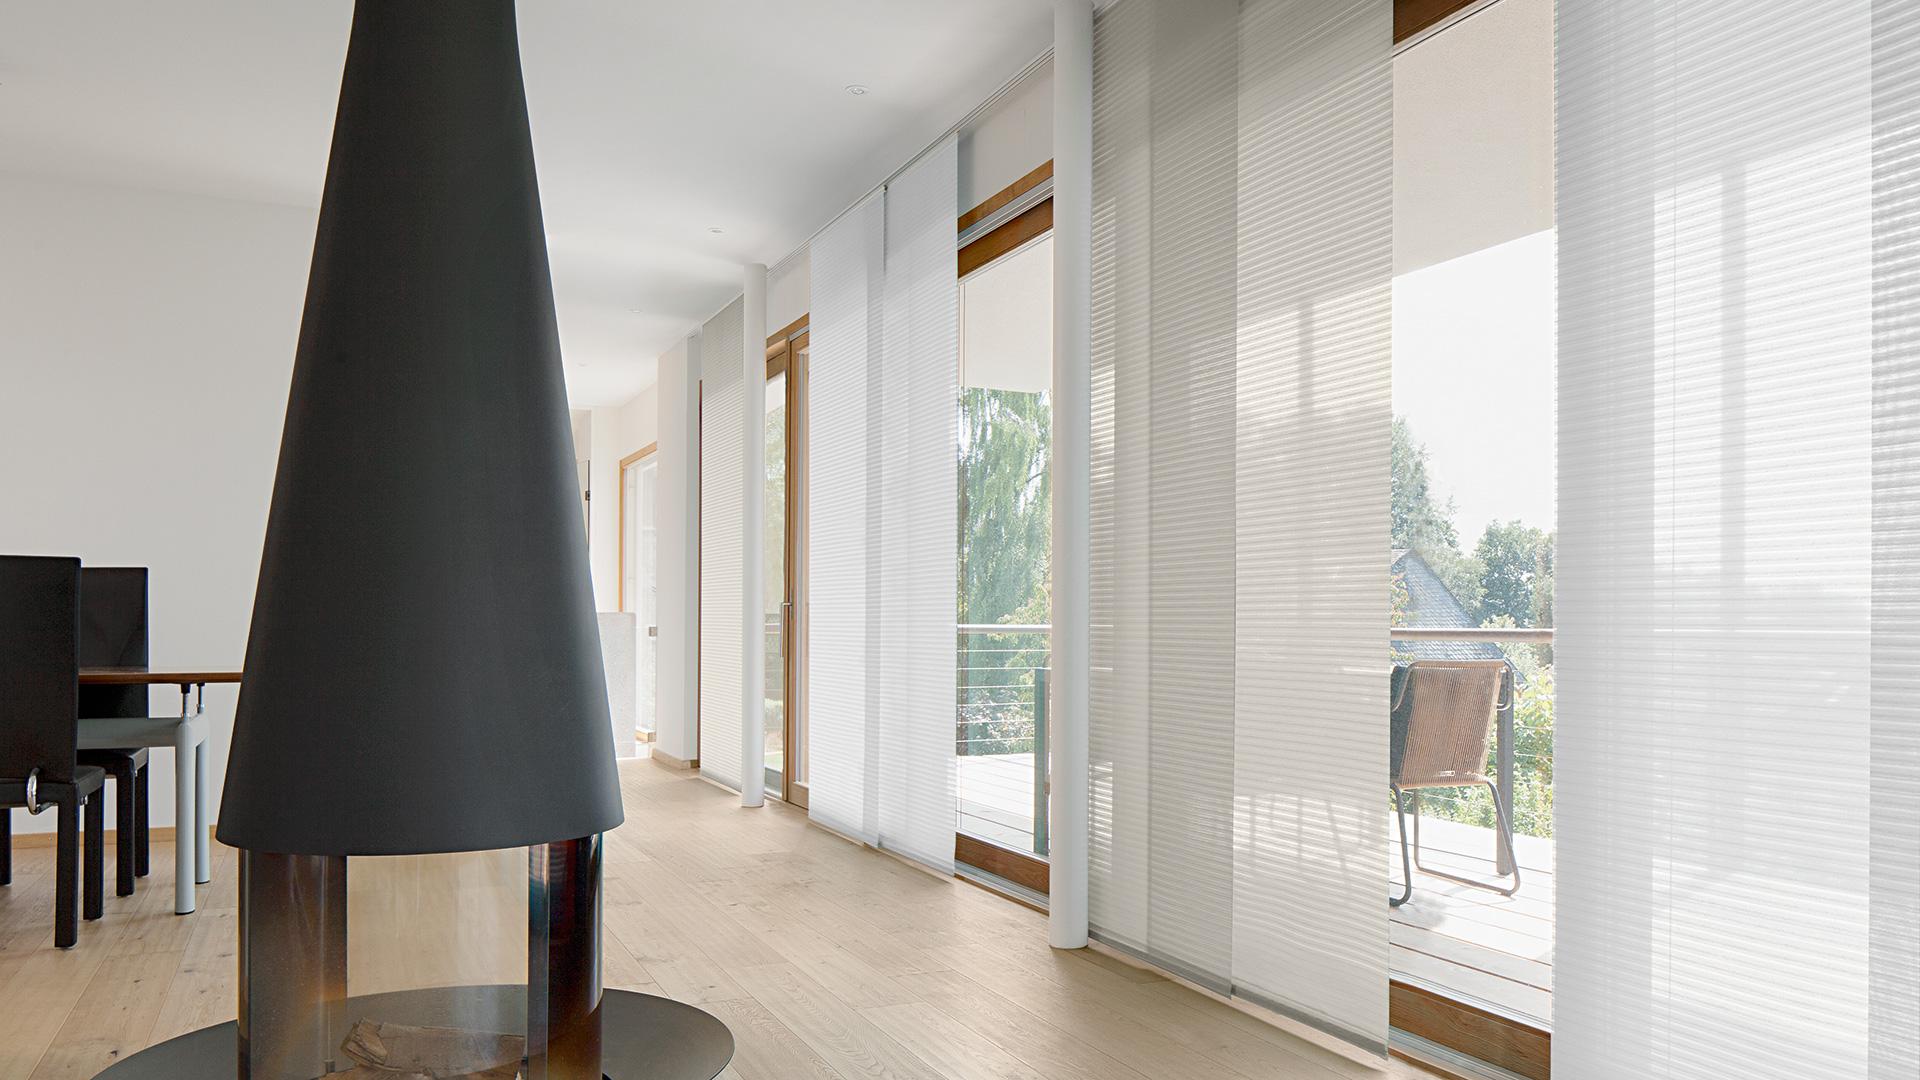 Sicht sonnenschutz dekoline modernes wohndesign in for Wohndesign trend